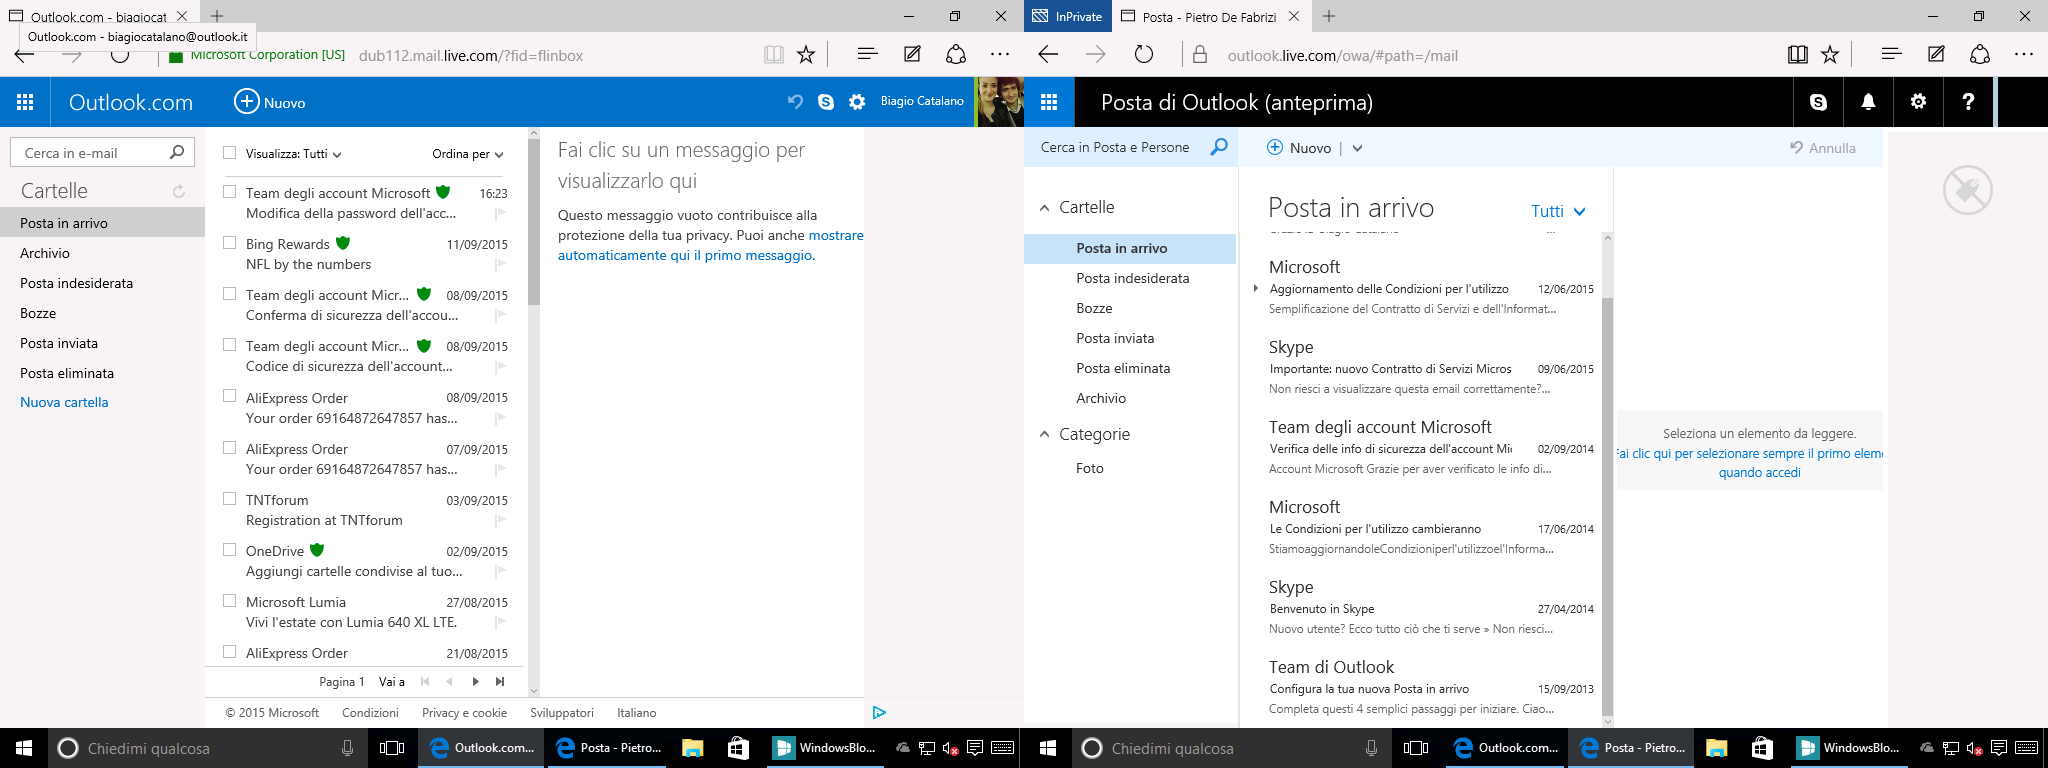 Outlook.com Prima e Dopo 1